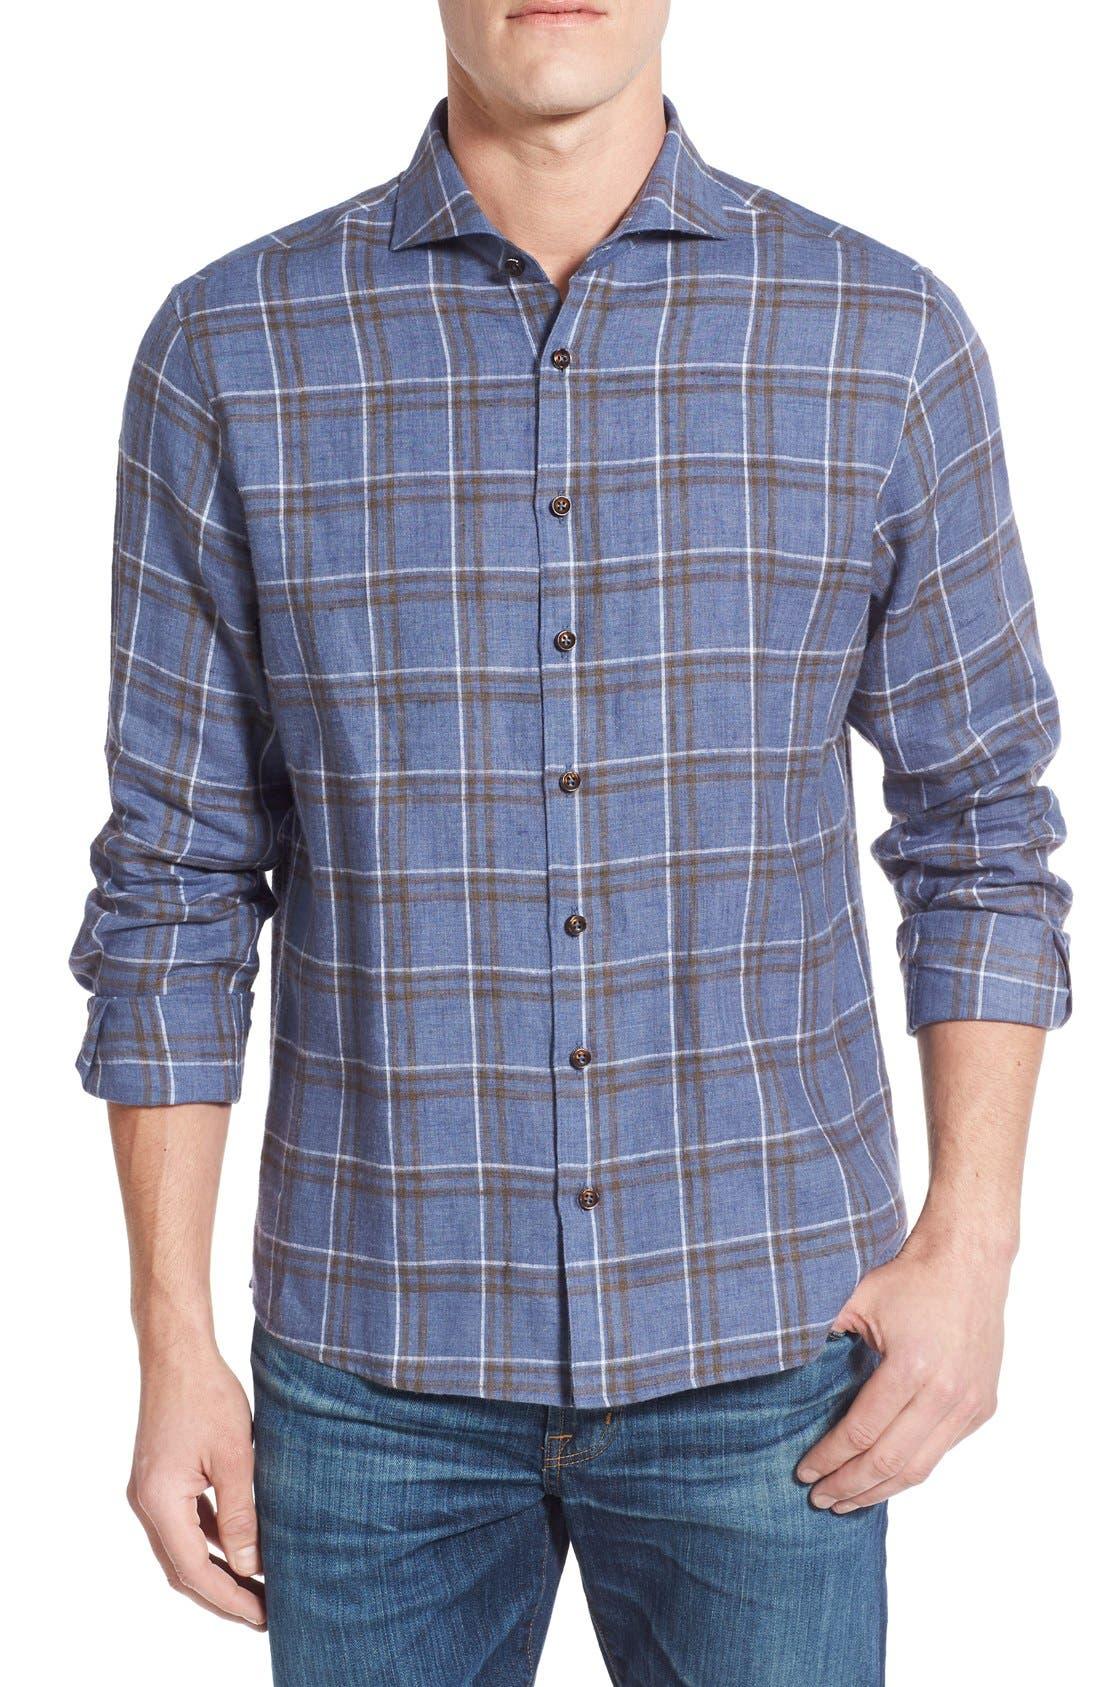 Alternate Image 1 Selected - Singer + Sargent Plaid Brushed Linen Sport Shirt